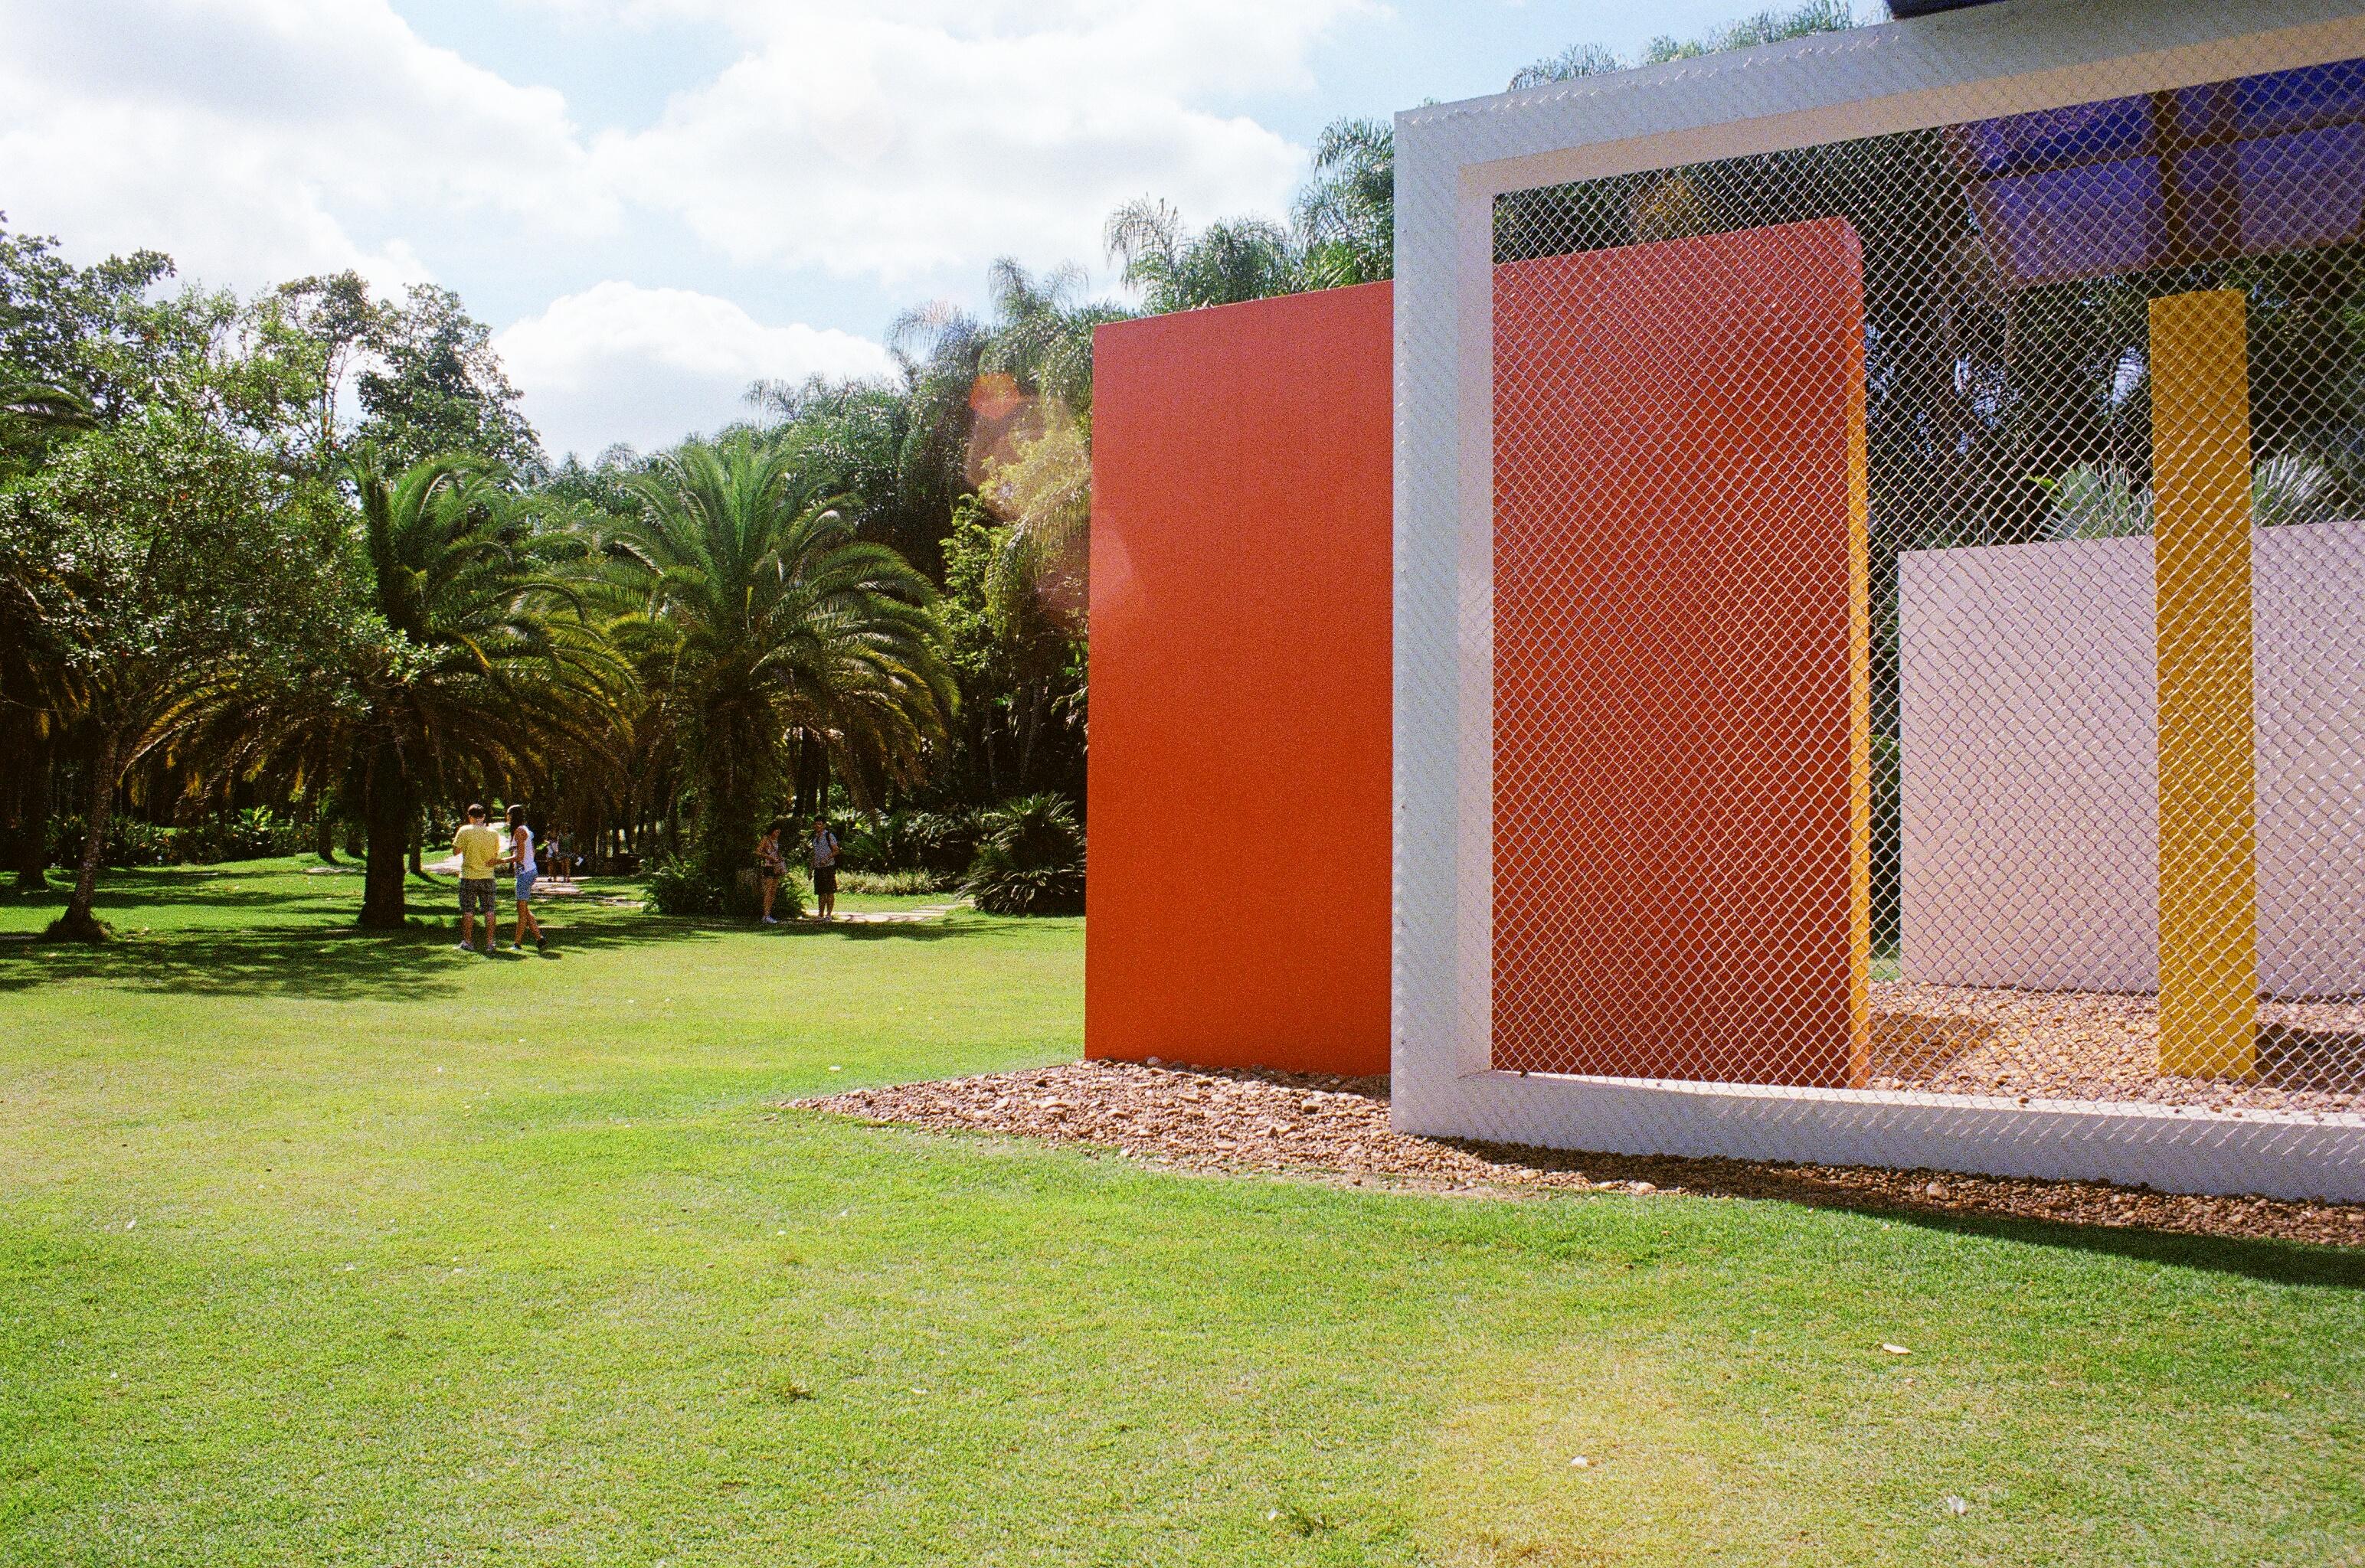 """Beside Hélio Oiticica's """"Invençaõ da cor, Penetrável Magic Square No. 5 – De Luxe"""" (The Invention of the Colour Penetrável Magic Square No. 5 – Deluxe)."""